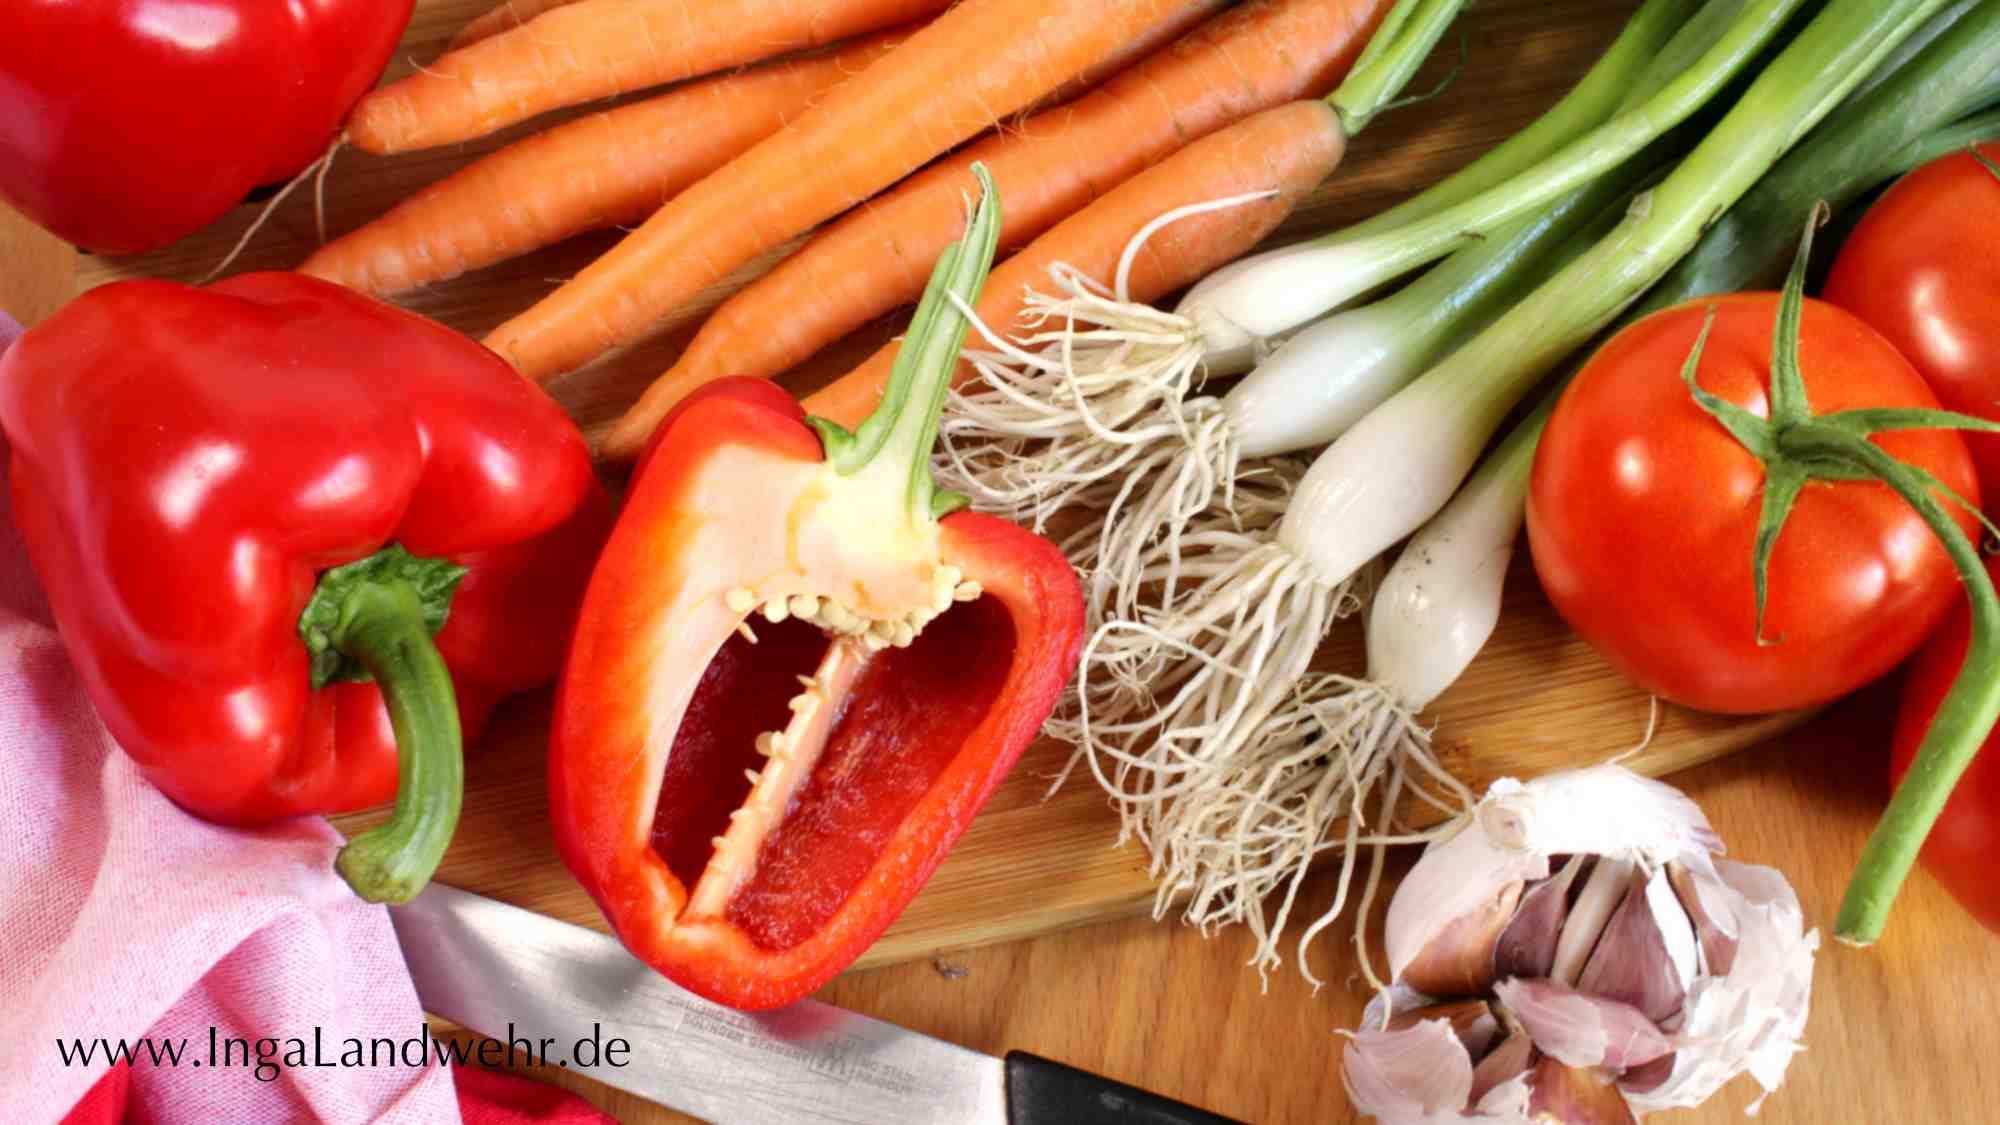 Frische Paprika, Karotten, Frühlingszwiebeln und Knoblauch liegen auf einem Holzbrett